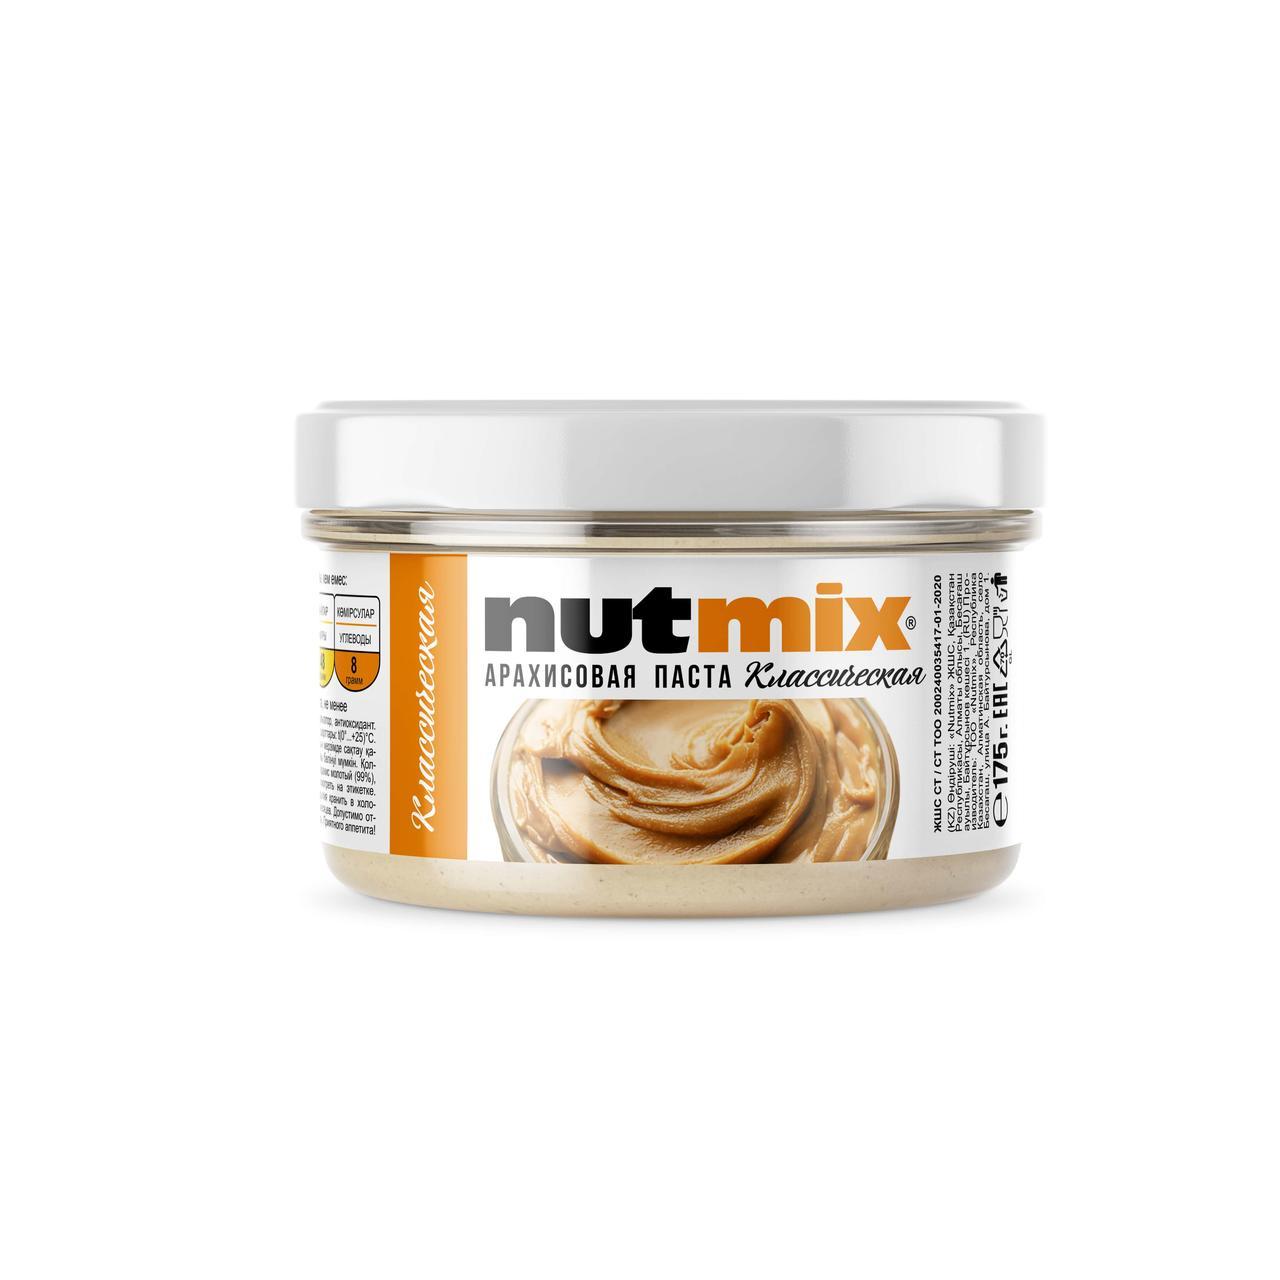 Классическая арахисовая паста NutMix 175 гр.